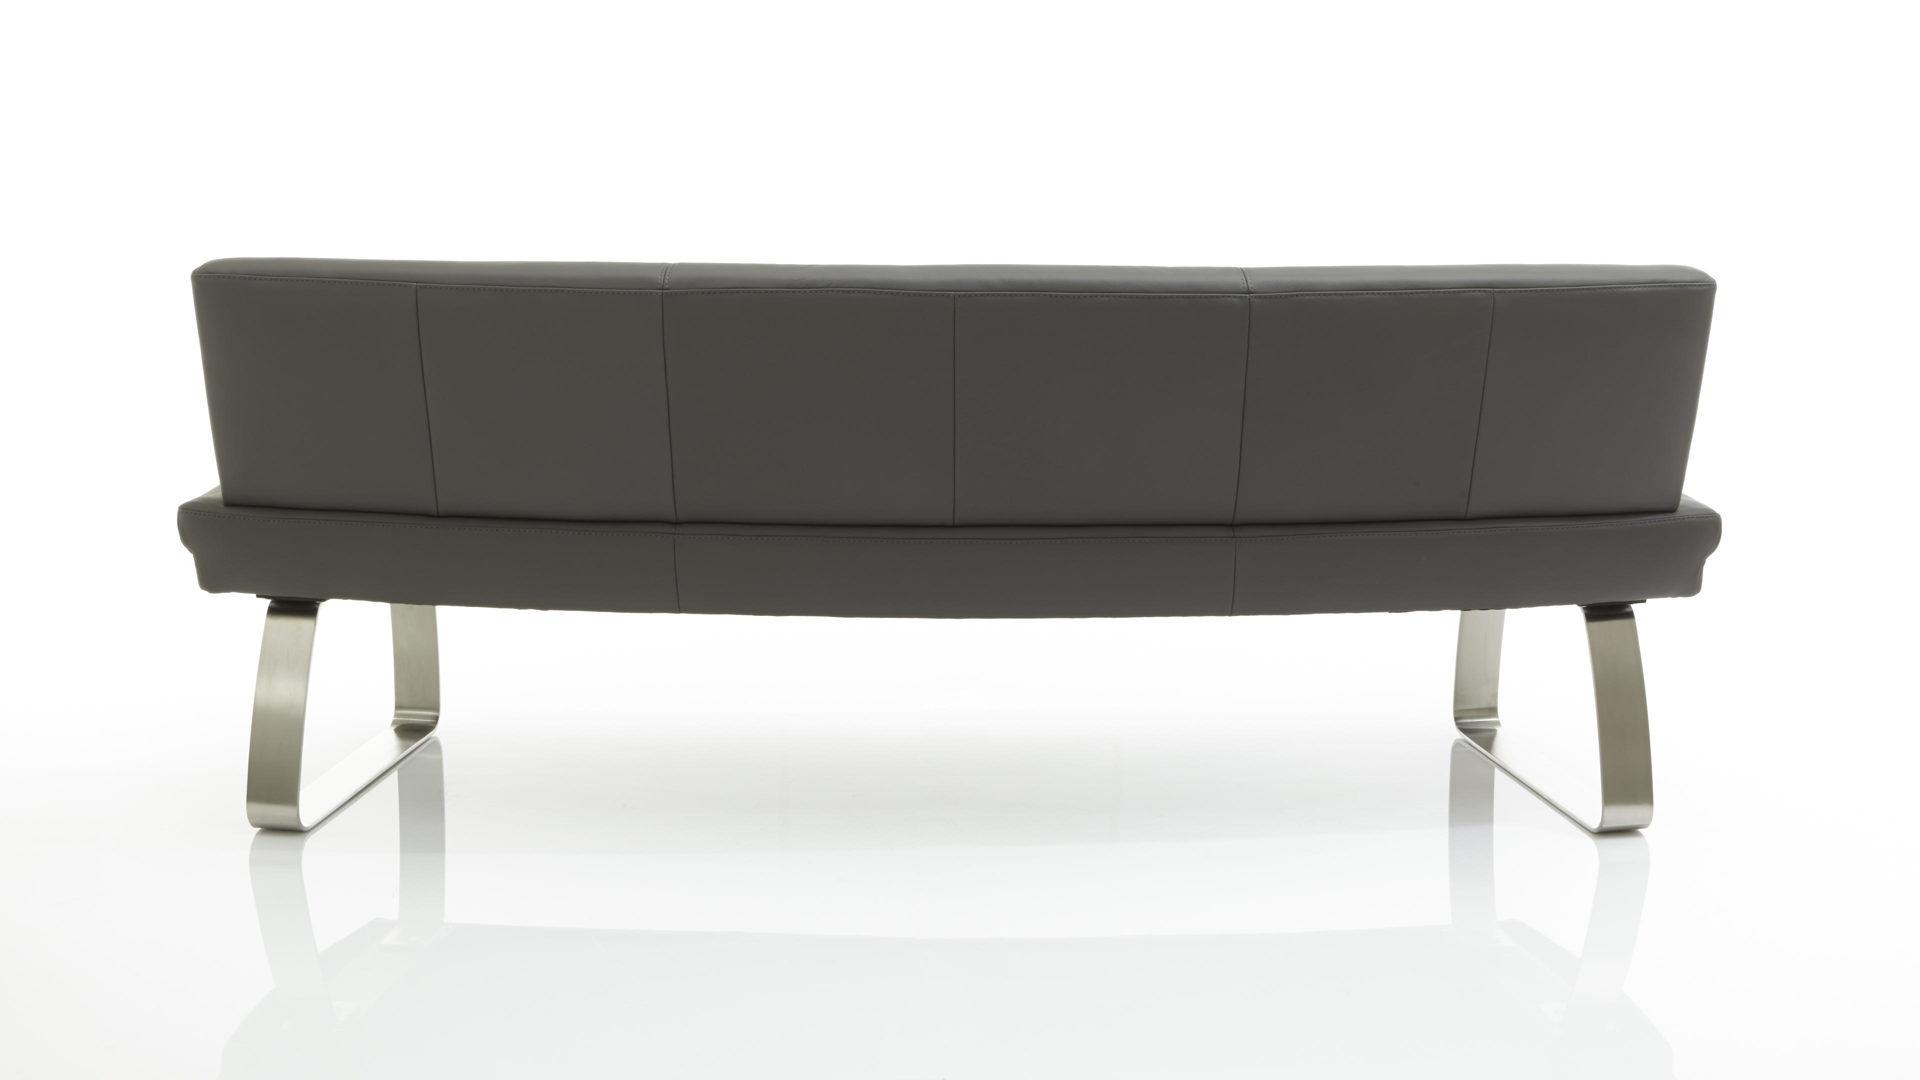 Trop Gmbh Moderne Combinessa Polsterbank Ein Sitzmbel Mit Stil Moderne  Moderne Combinessa Polsterbank Ein Sitzmbel Mit Stil.